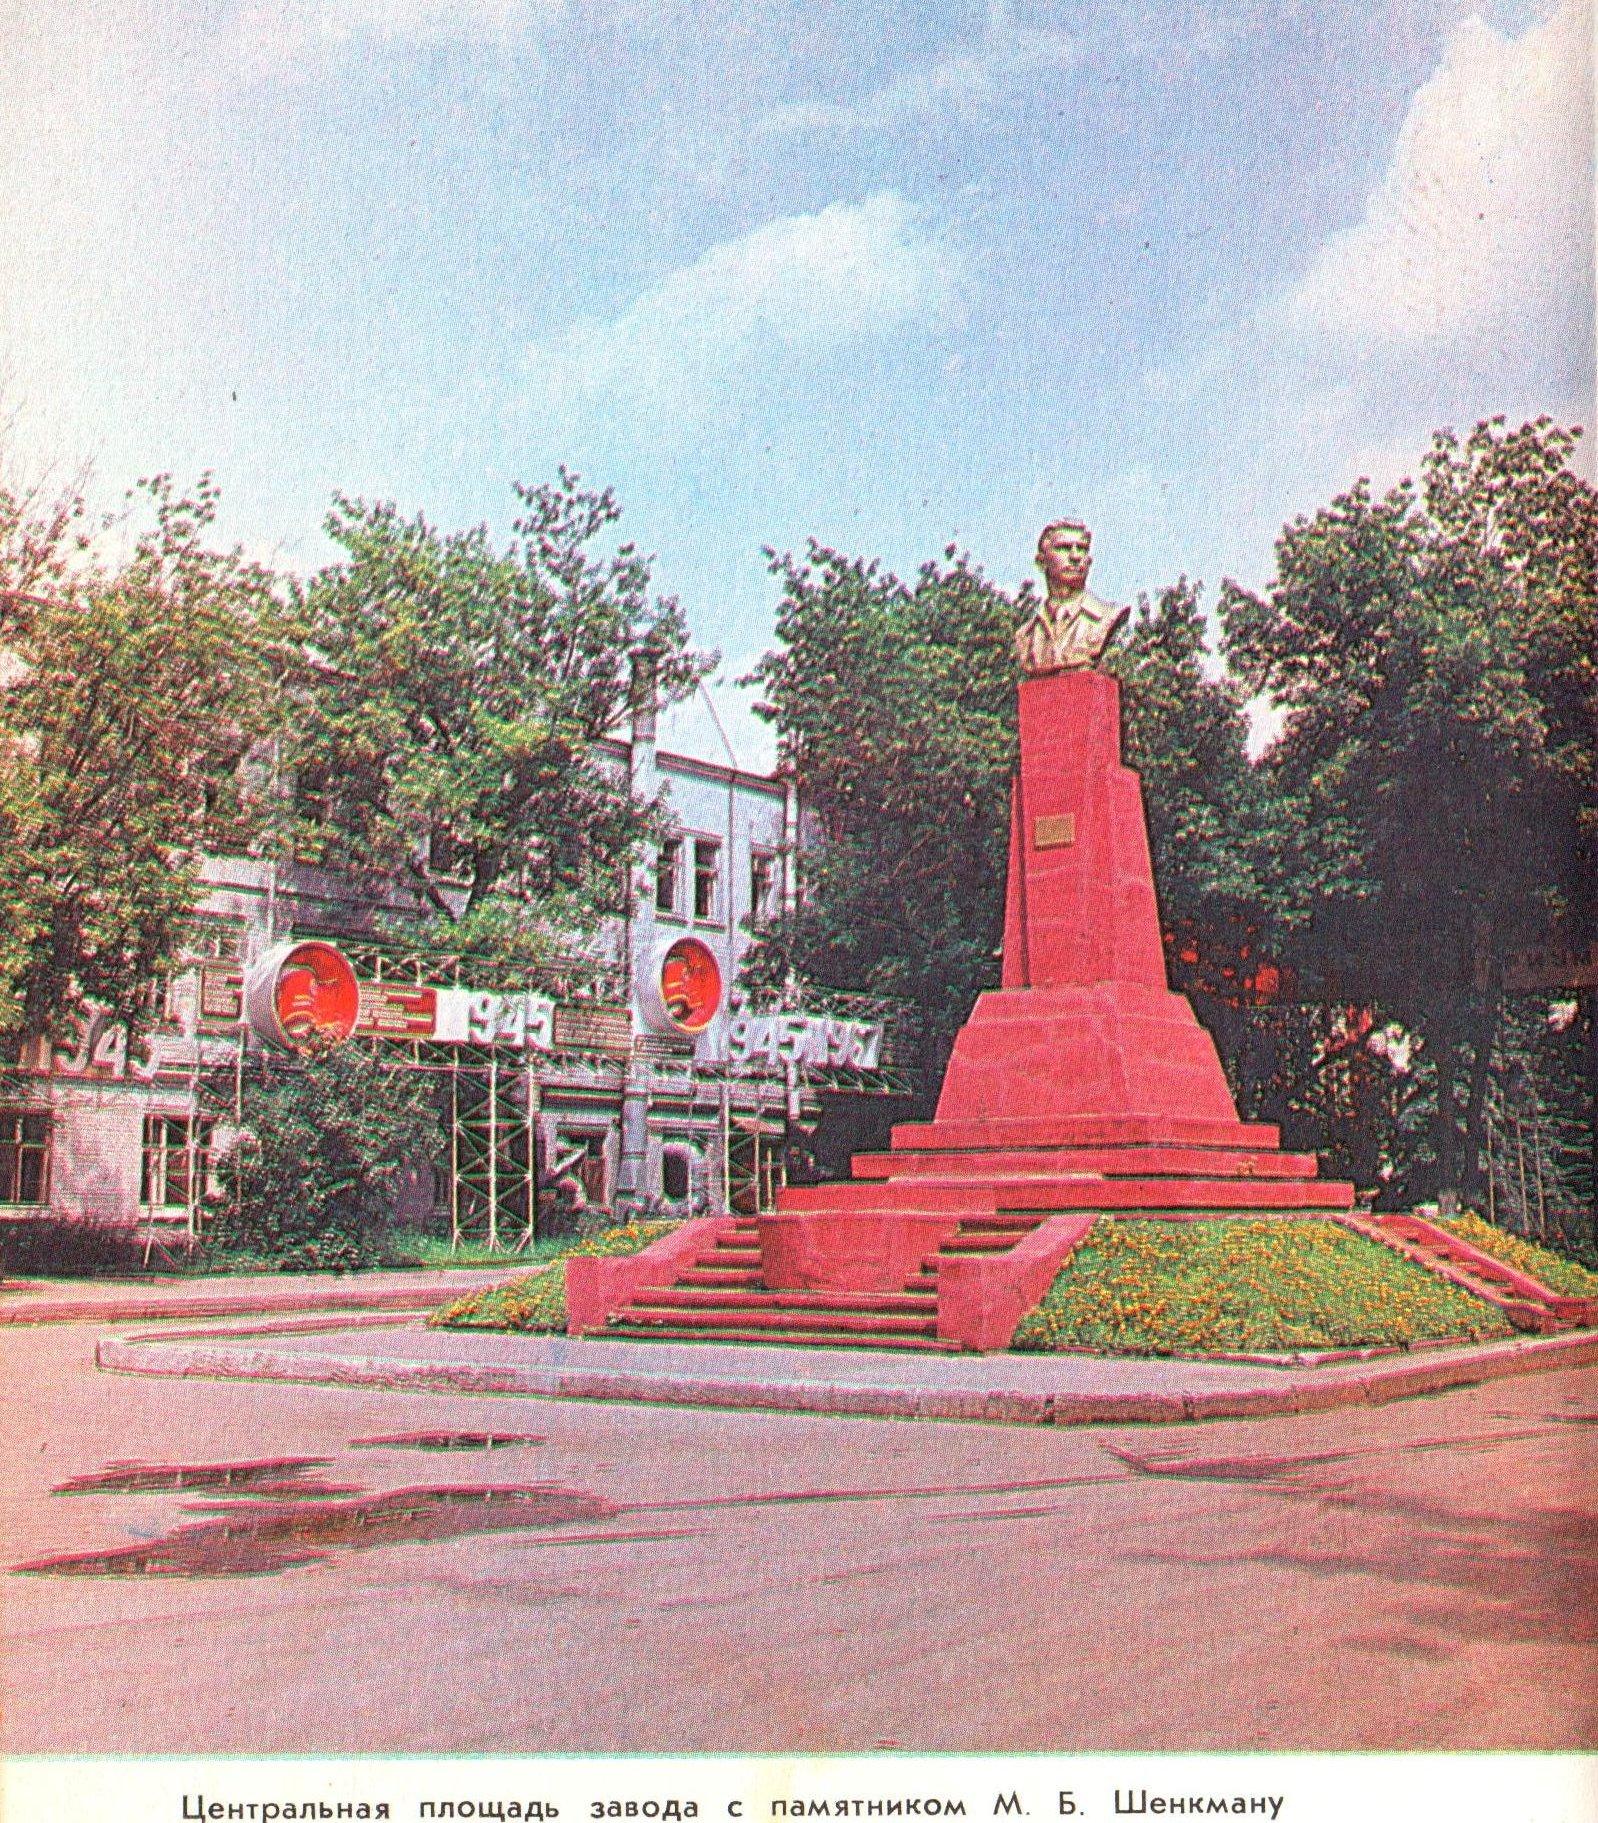 Памятник Шенкману на территории Авиационного завода